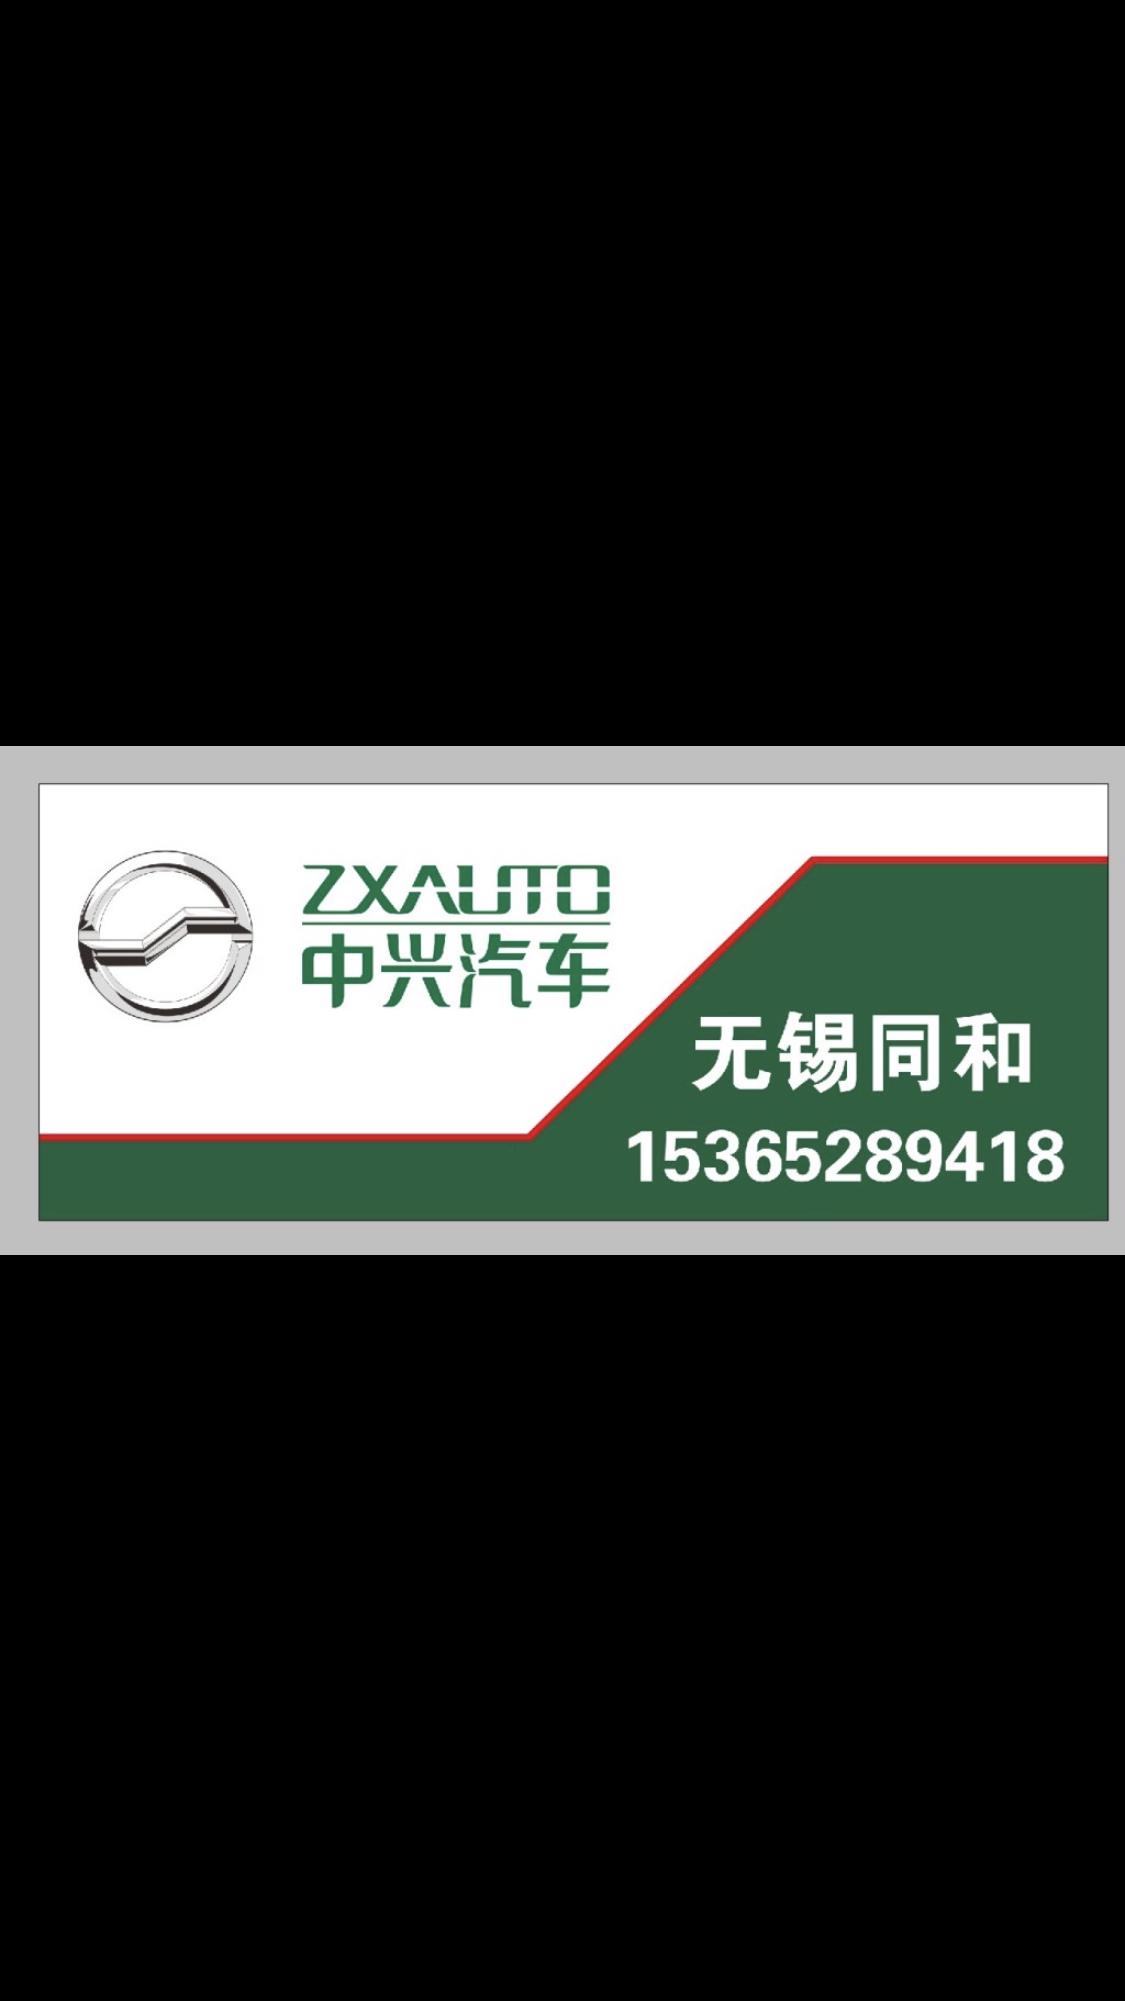 无锡同和汽车销售服务有限公司